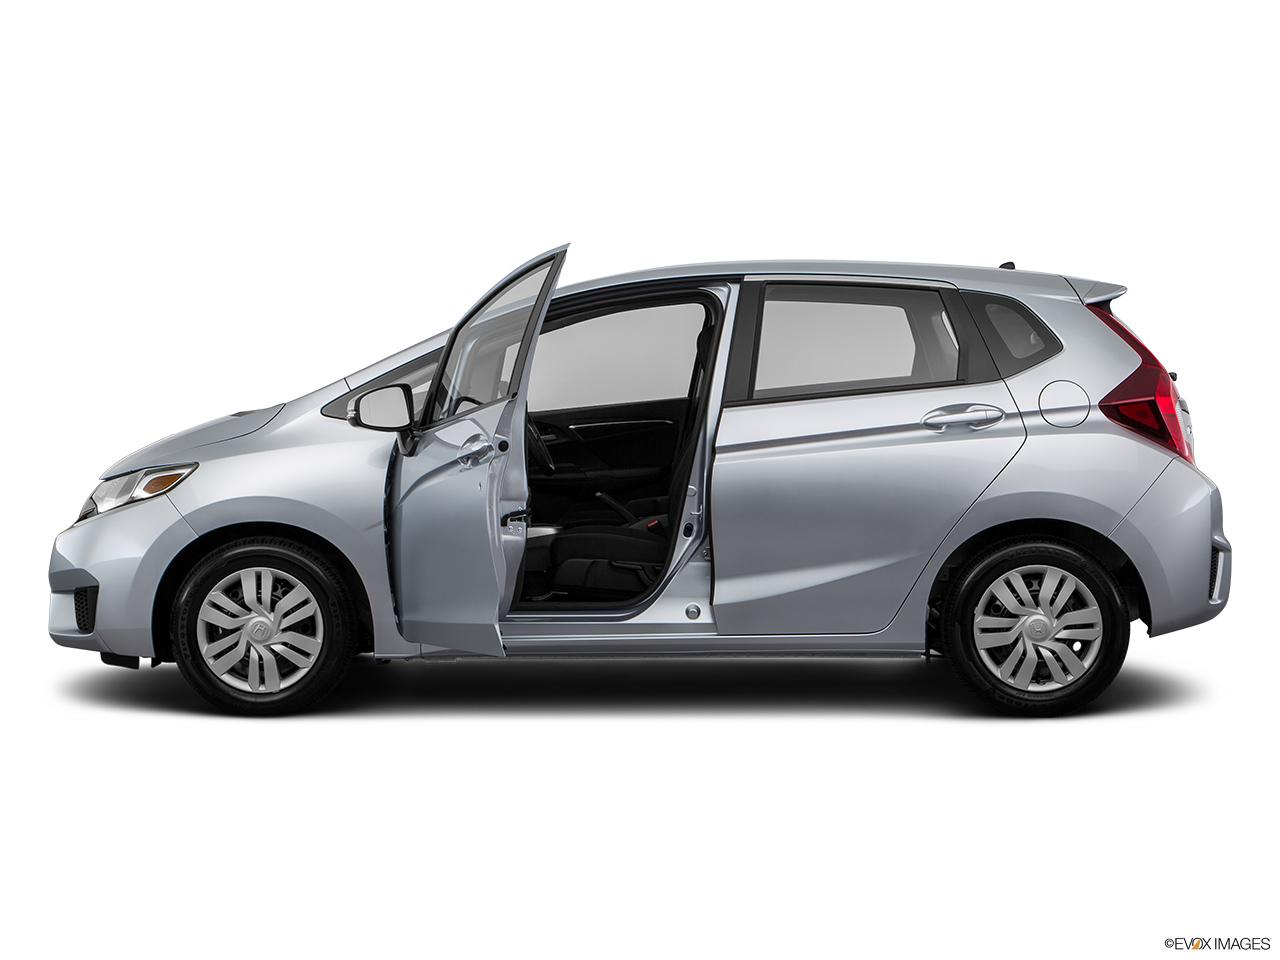 Kelebihan Honda Jazz 2016 Spesifikasi